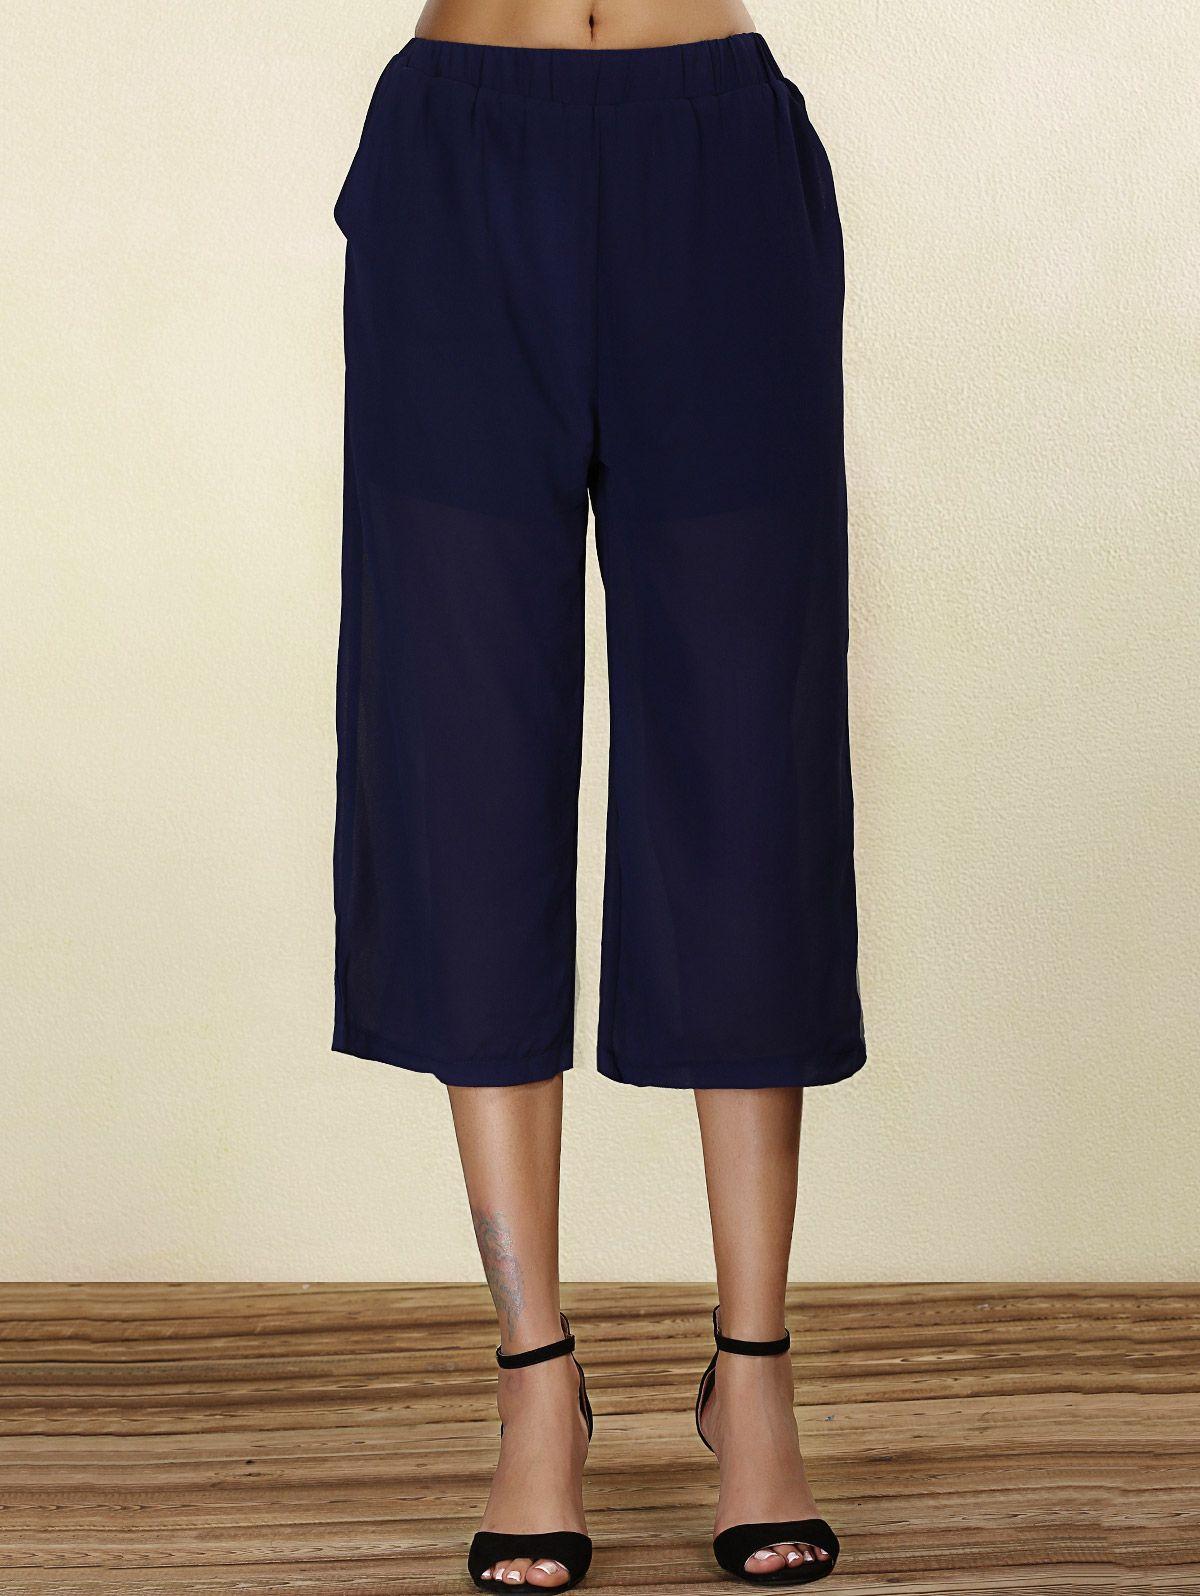 Stylish Women's Polka Dot Chiffon Pleated Skirt